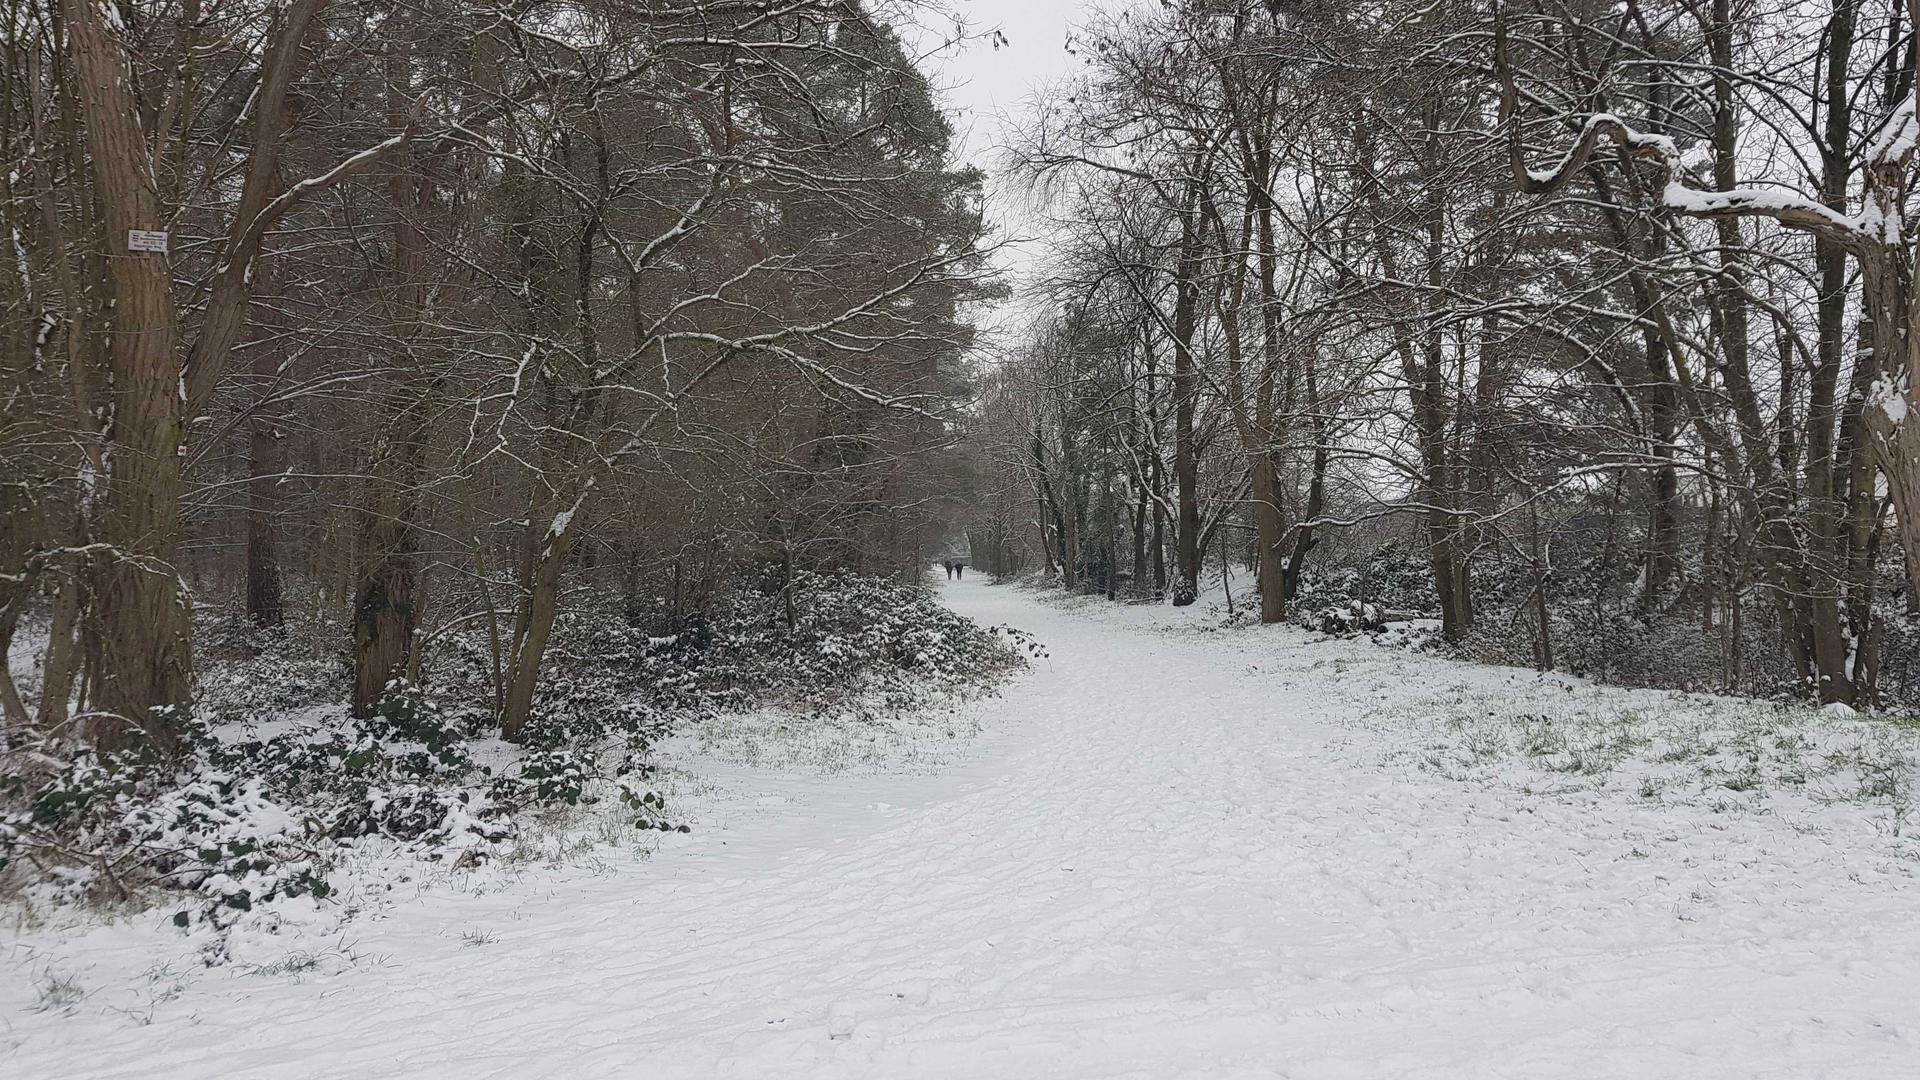 Der Karlsruher Hardtwald war am Sonntag so weiß wie schon lange nicht mehr. Unter den Füßen knirschte der frische Schnee der Spaziergänger.